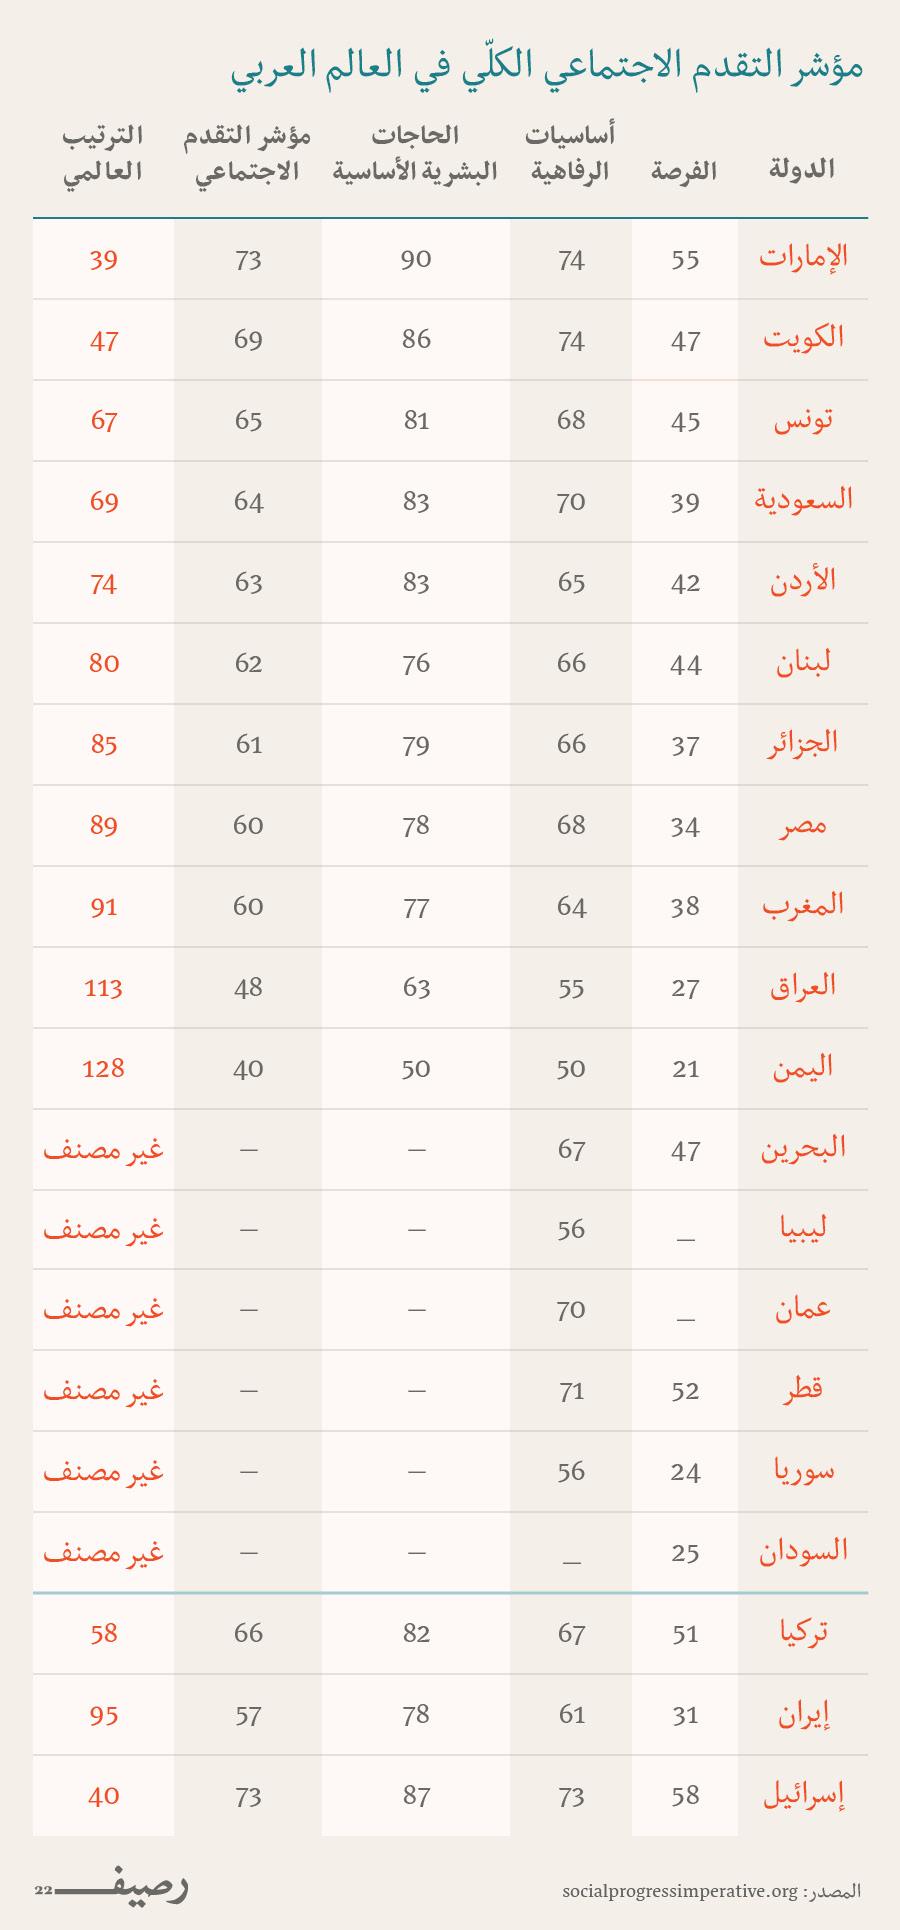 التطور الاجتماعي في العالم العربي - التقدم الاجتماعي في العالم العربي